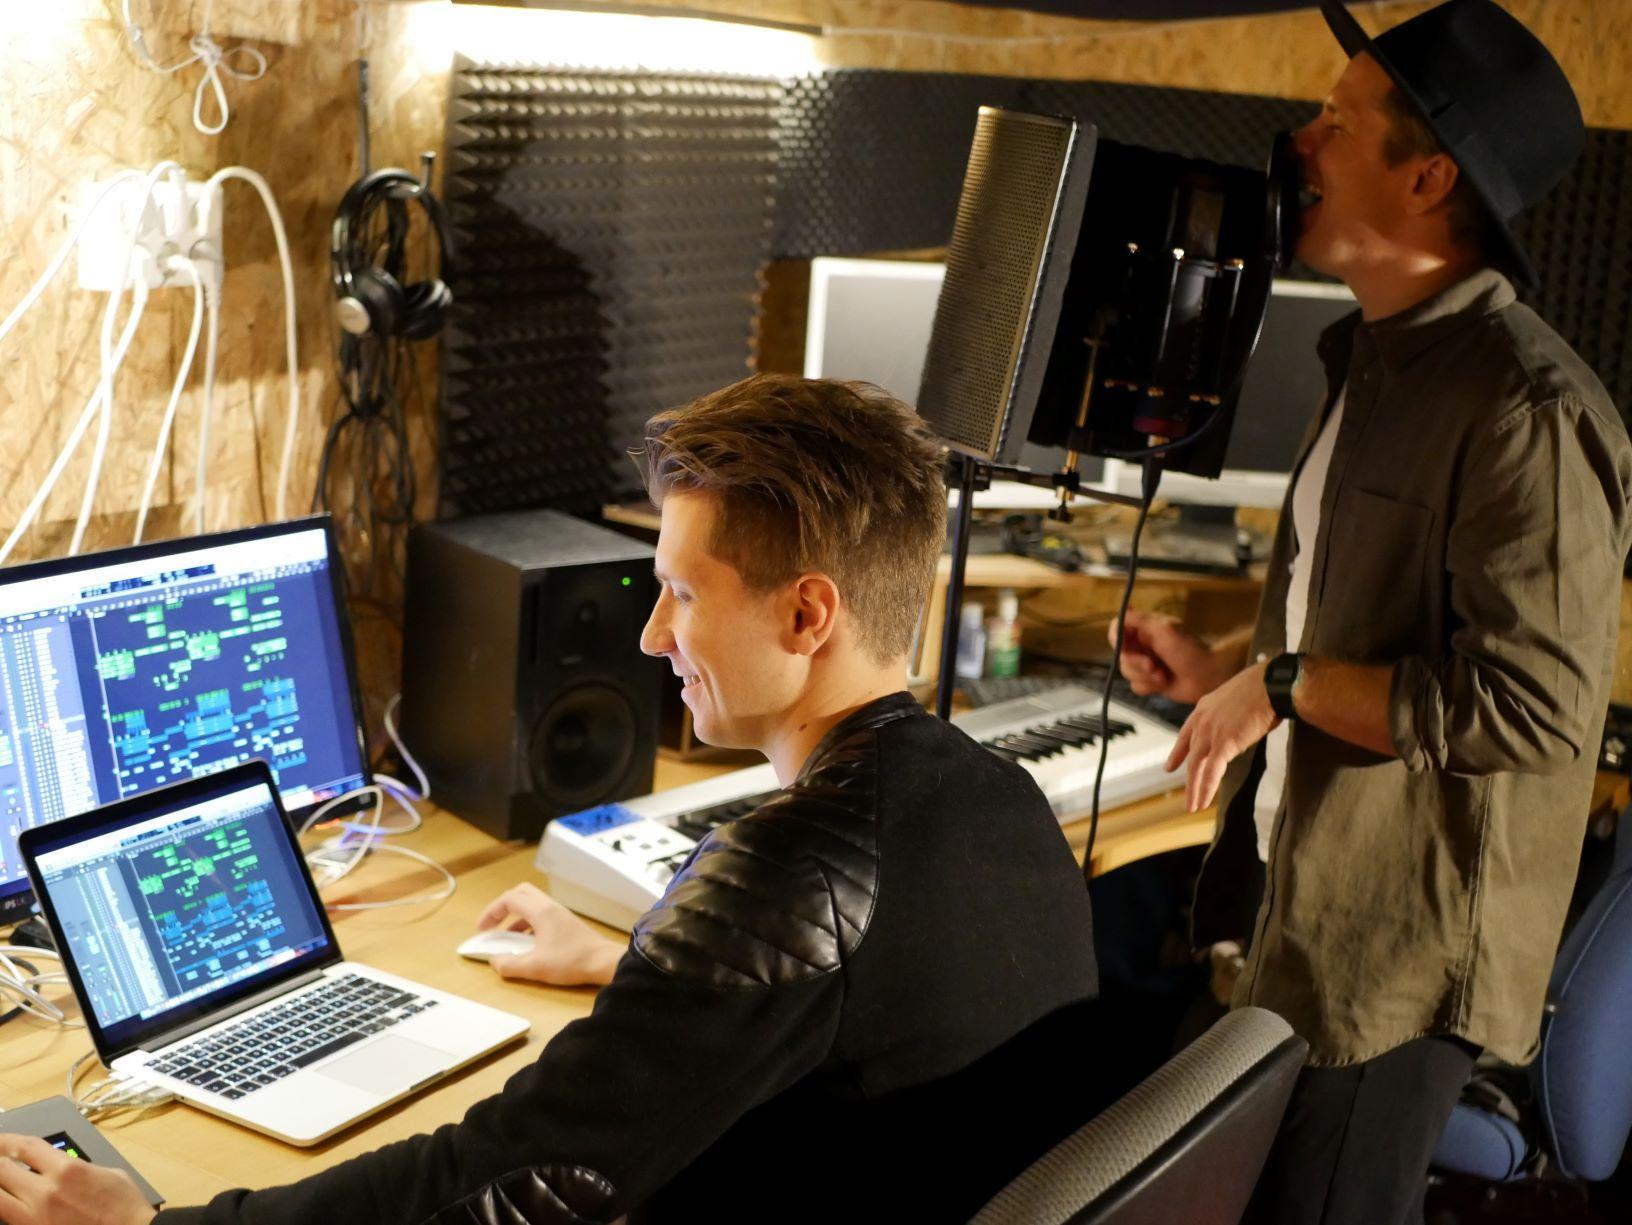 En person sitter vid datorn och den andra står och sjunger in i en mukrofon